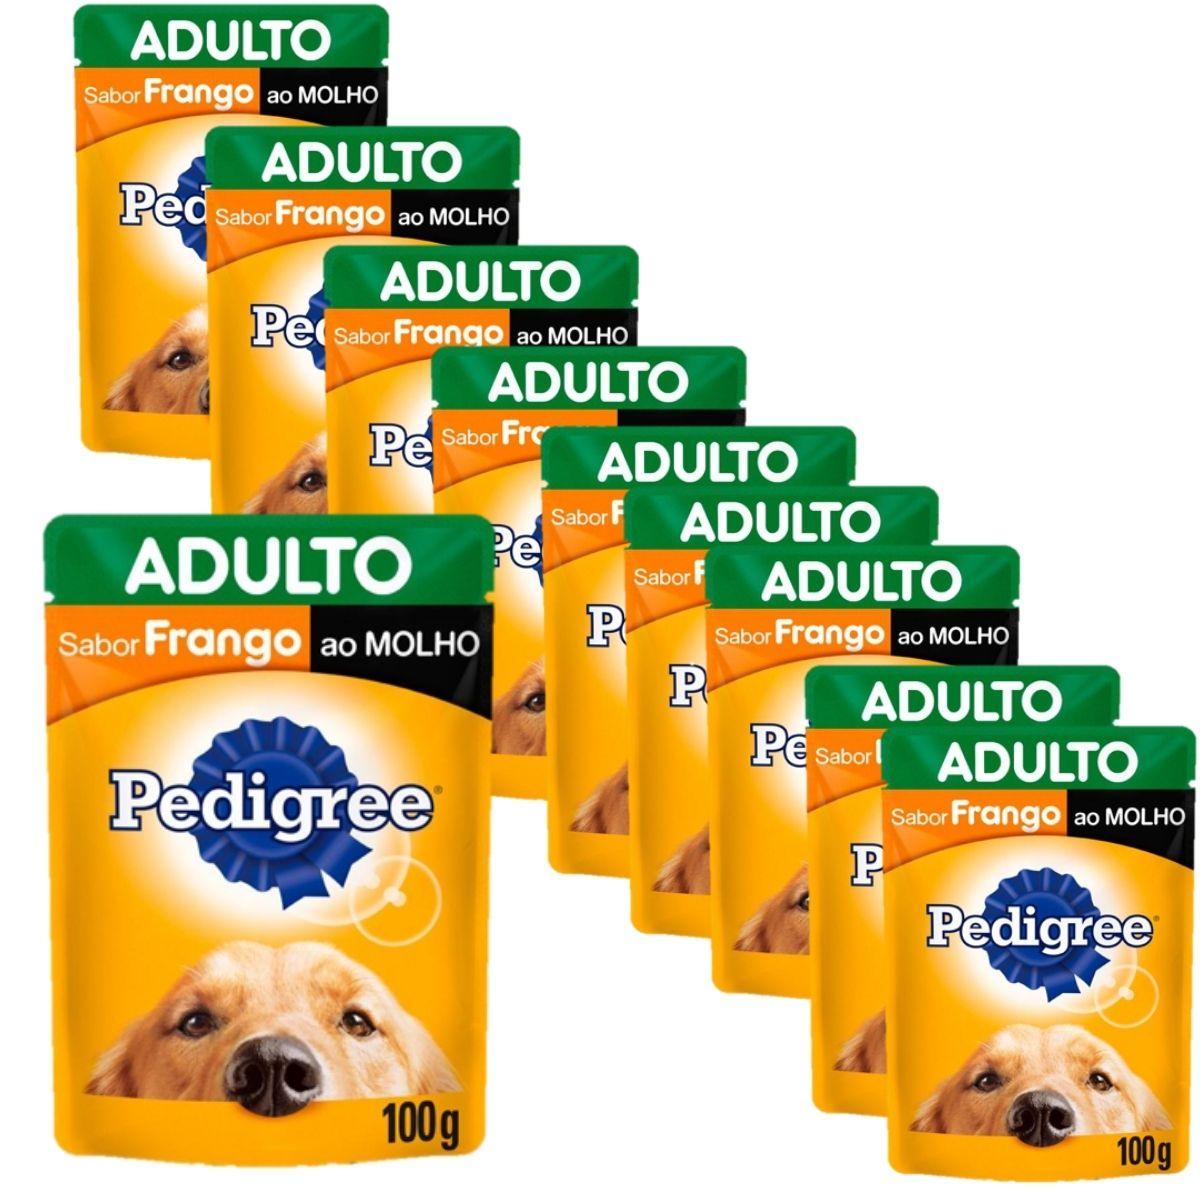 Sachê da Pedigree sabor Frango Ao Molho 100gr kit com 10 unidades